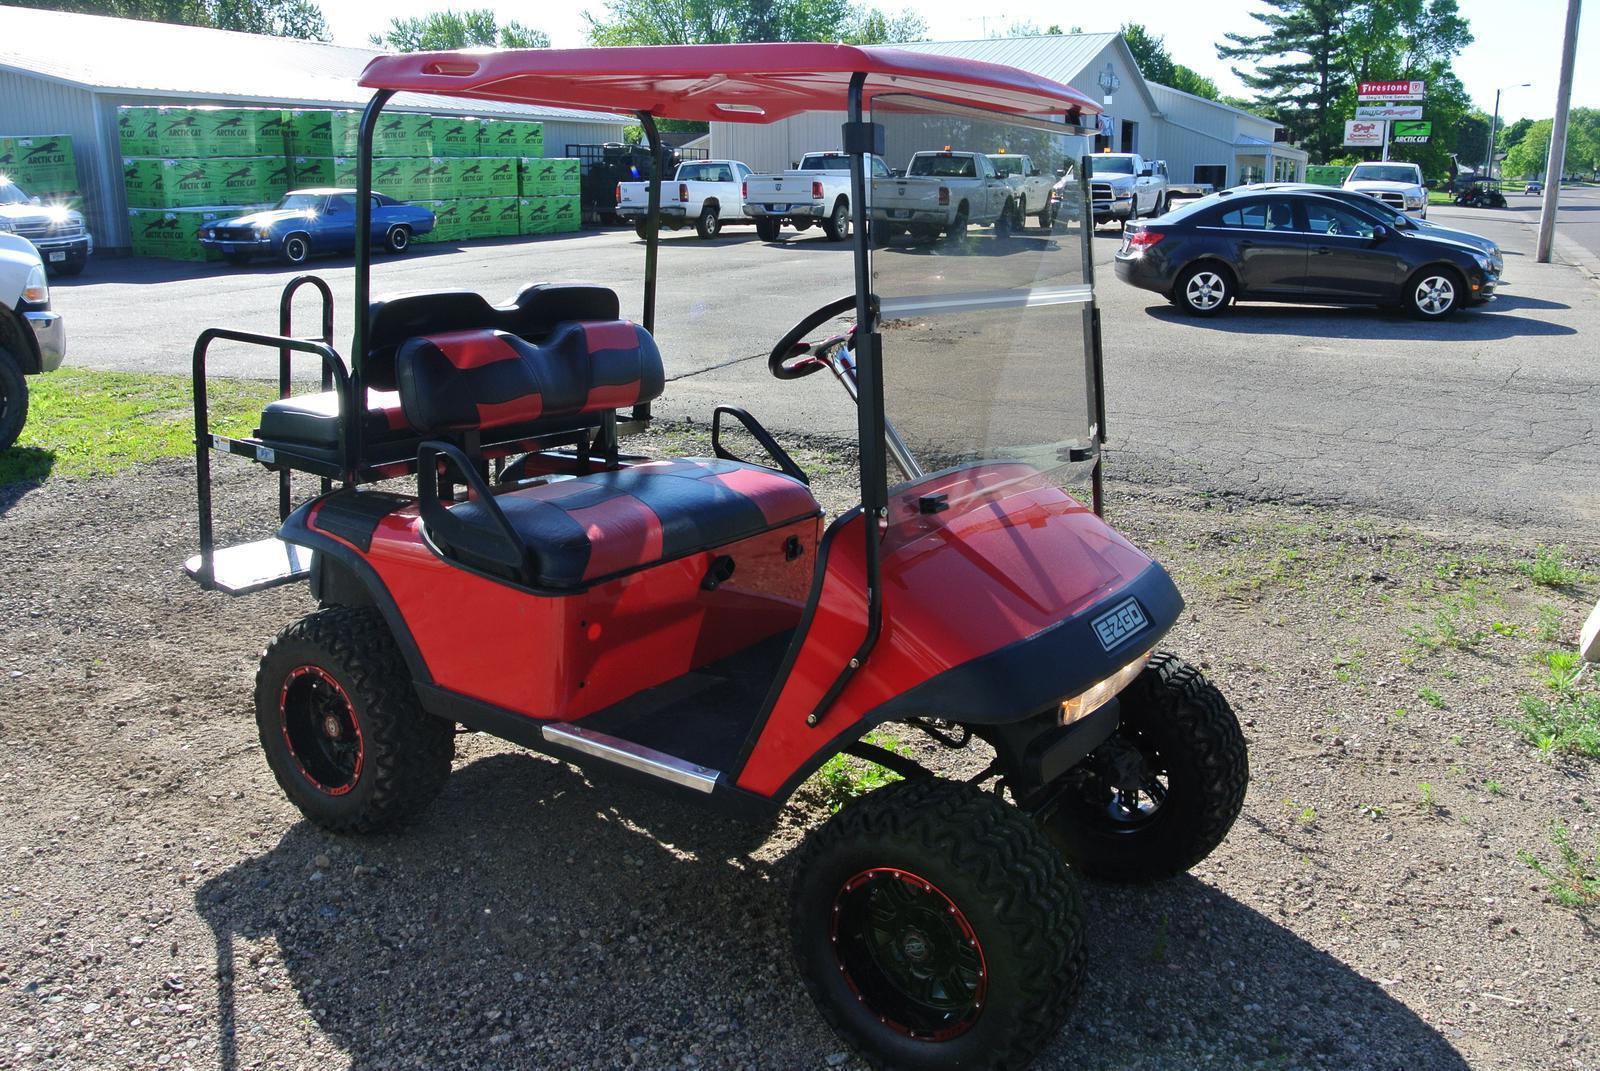 Ezgo Golf Cart Wheeler on rv golf cart, disney golf cart, towing a golf cart, 1994 western golf cart, 1994 hyundai golf cart, ez go medalist golf cart, 4x4 golf cart, 1997 yamaha golf cart, stanced golf cart, wrecked golf cart, suzuki golf cart, stretch golf cart, ez go workhorse 1200 golf cart, 1994 gas golf cart, 1994 club golf cart, battery for a 1994 ez go golf cart, yamaha g2 gas golf cart, yamaha drive golf cart, honda golf cart, white golf cart,